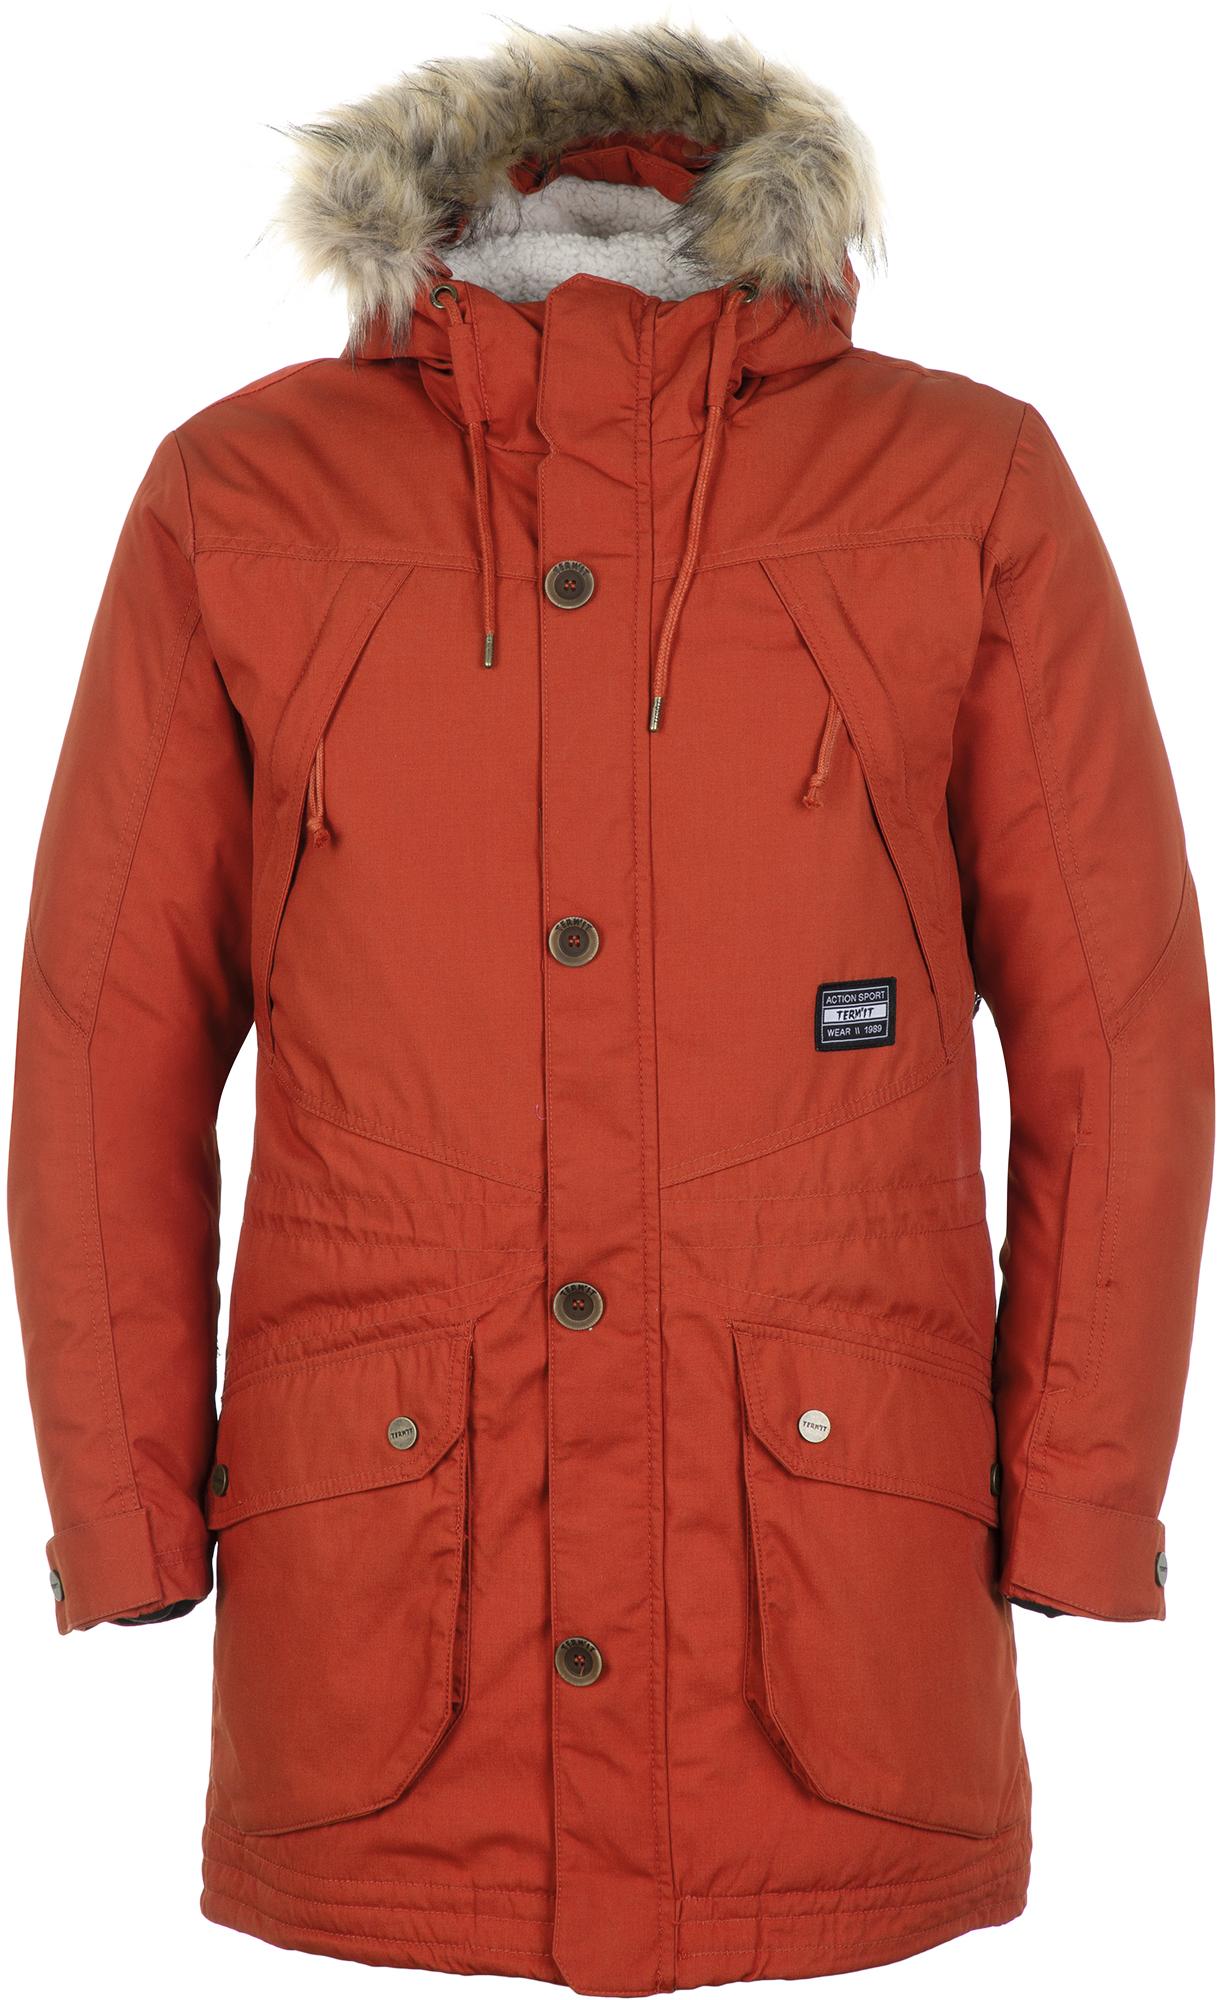 Termit Куртка пуховая мужская Termit, размер 50